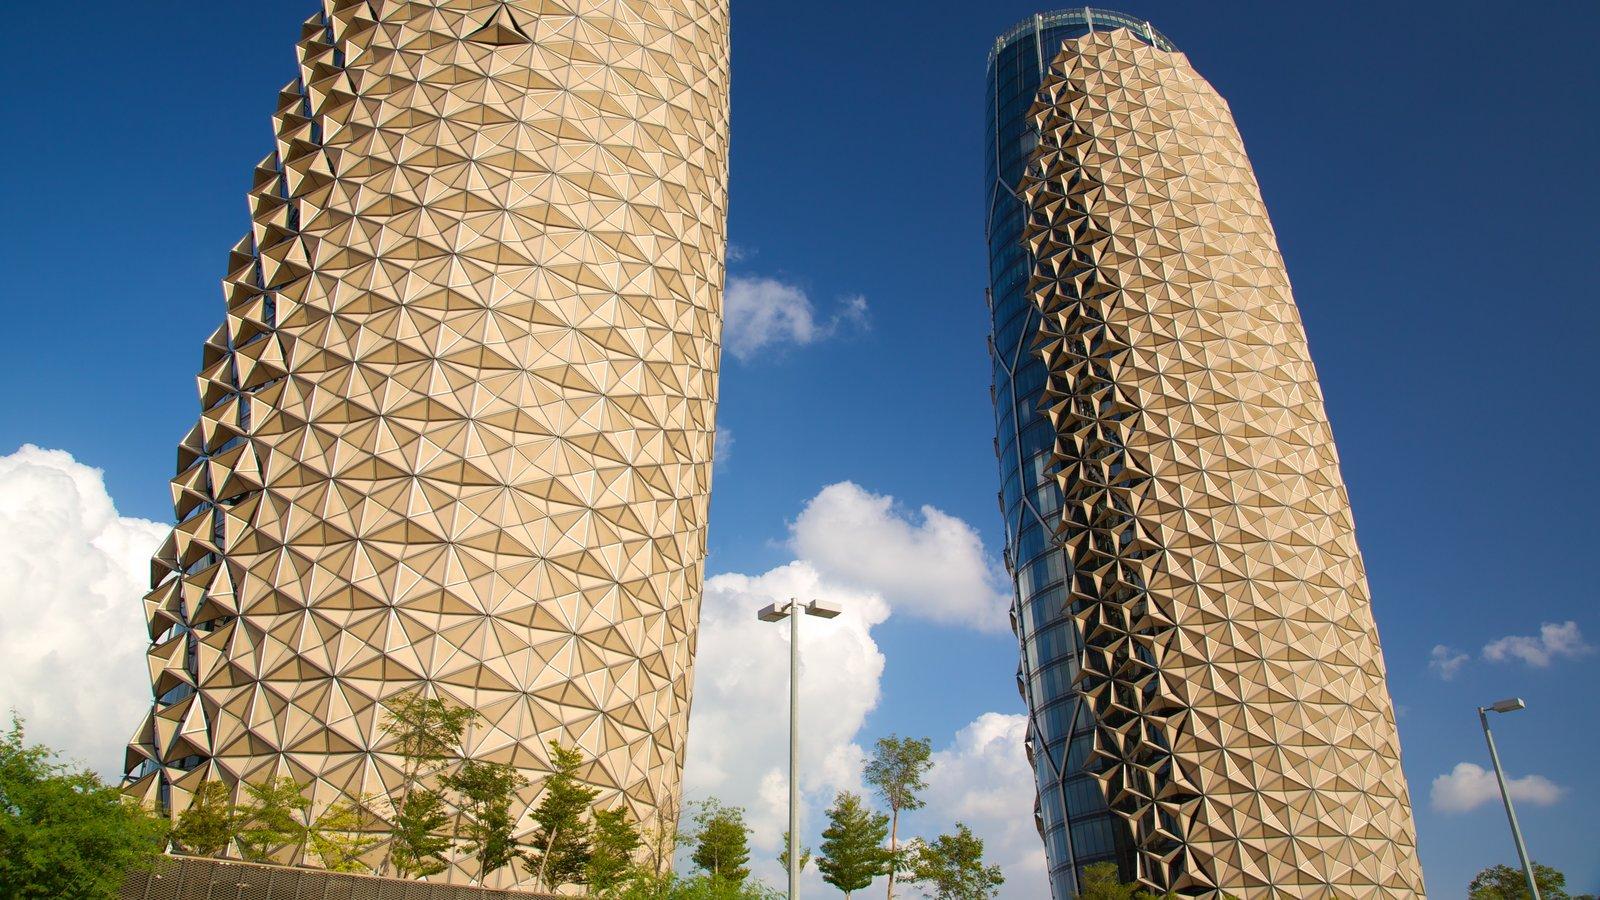 Emirato de Abu Dabi que incluye un edificio de gran altura y arquitectura moderna